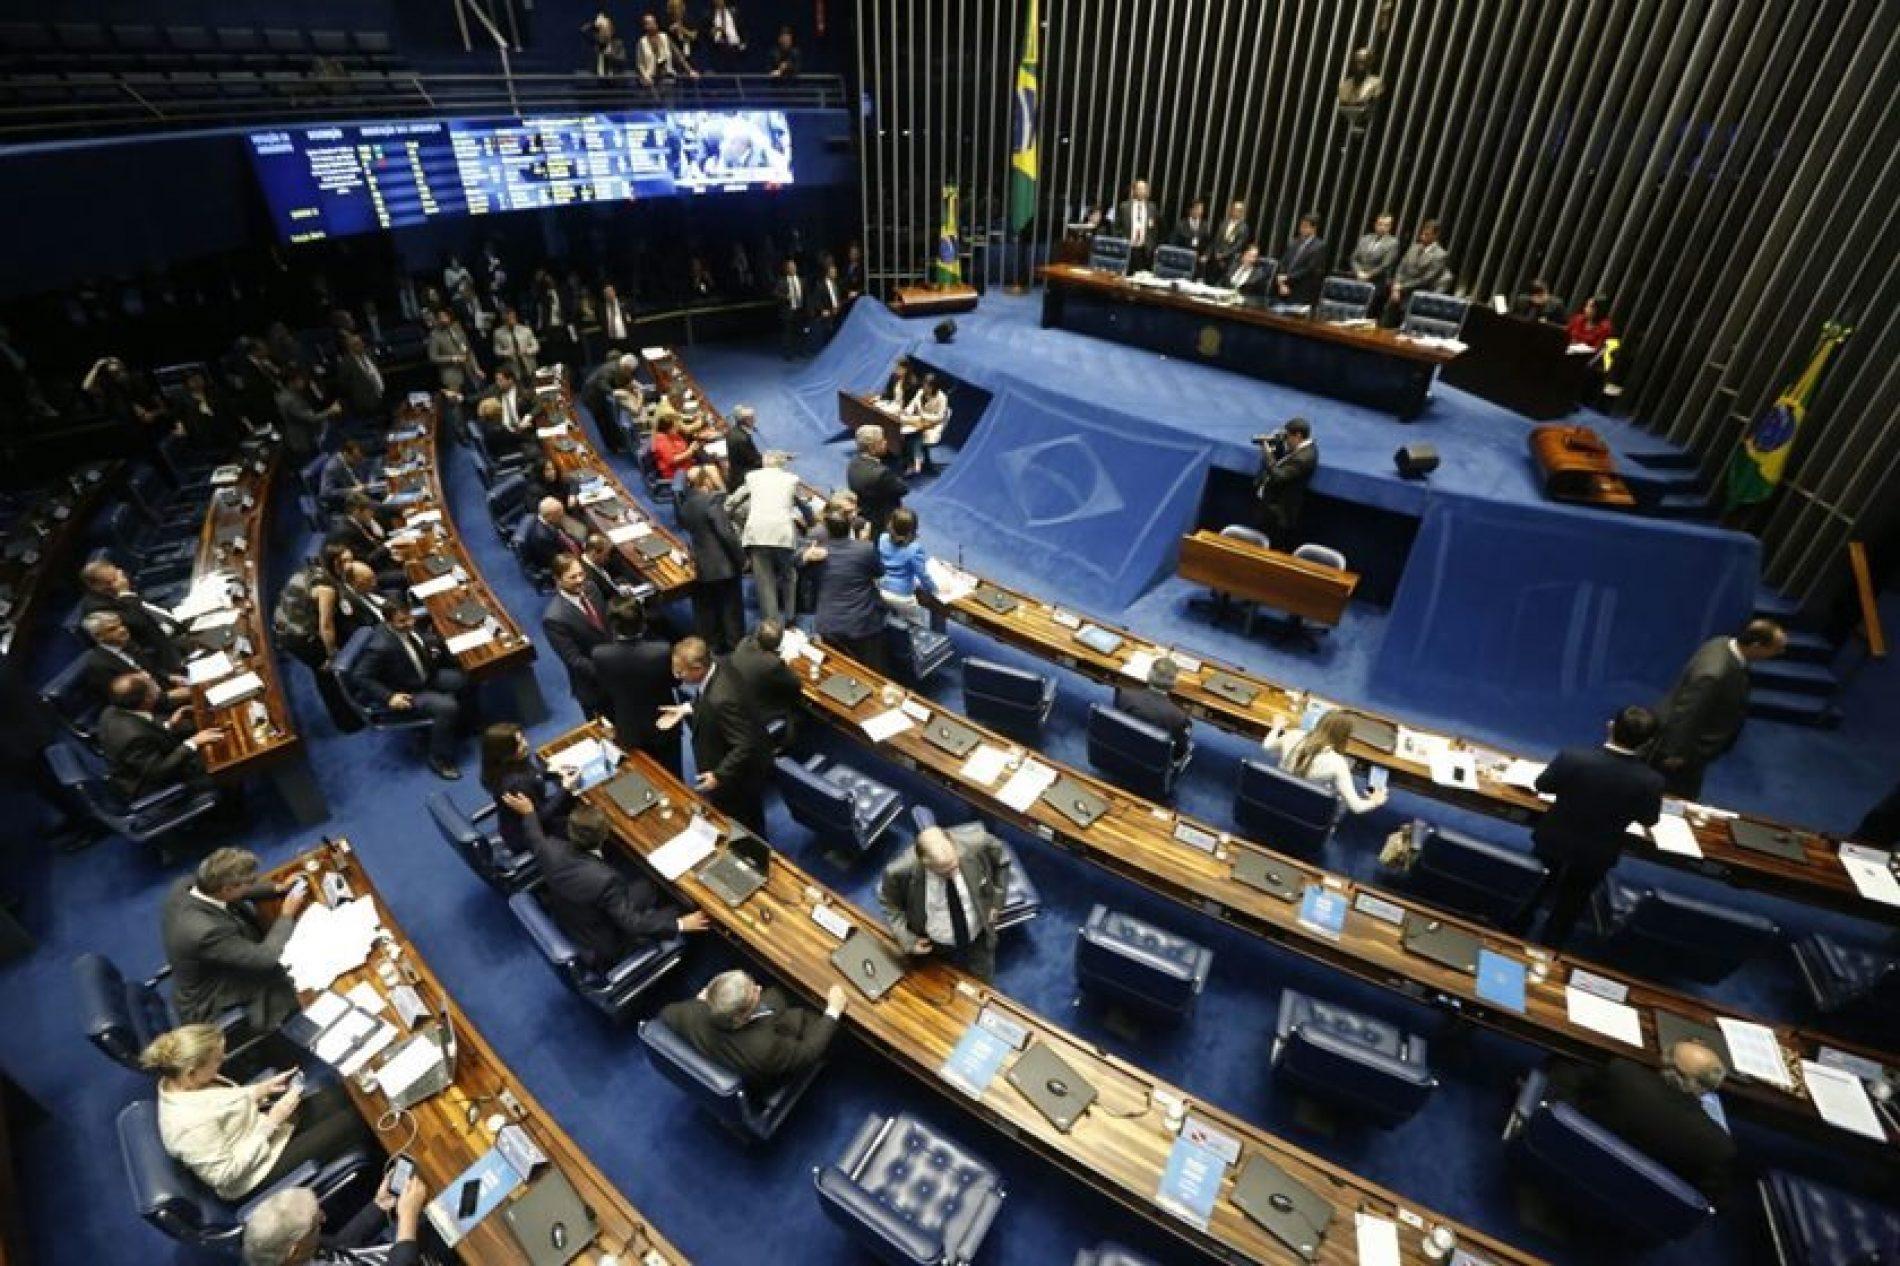 Audiência pública no Senado debate efeitos das fake news nesta quarta